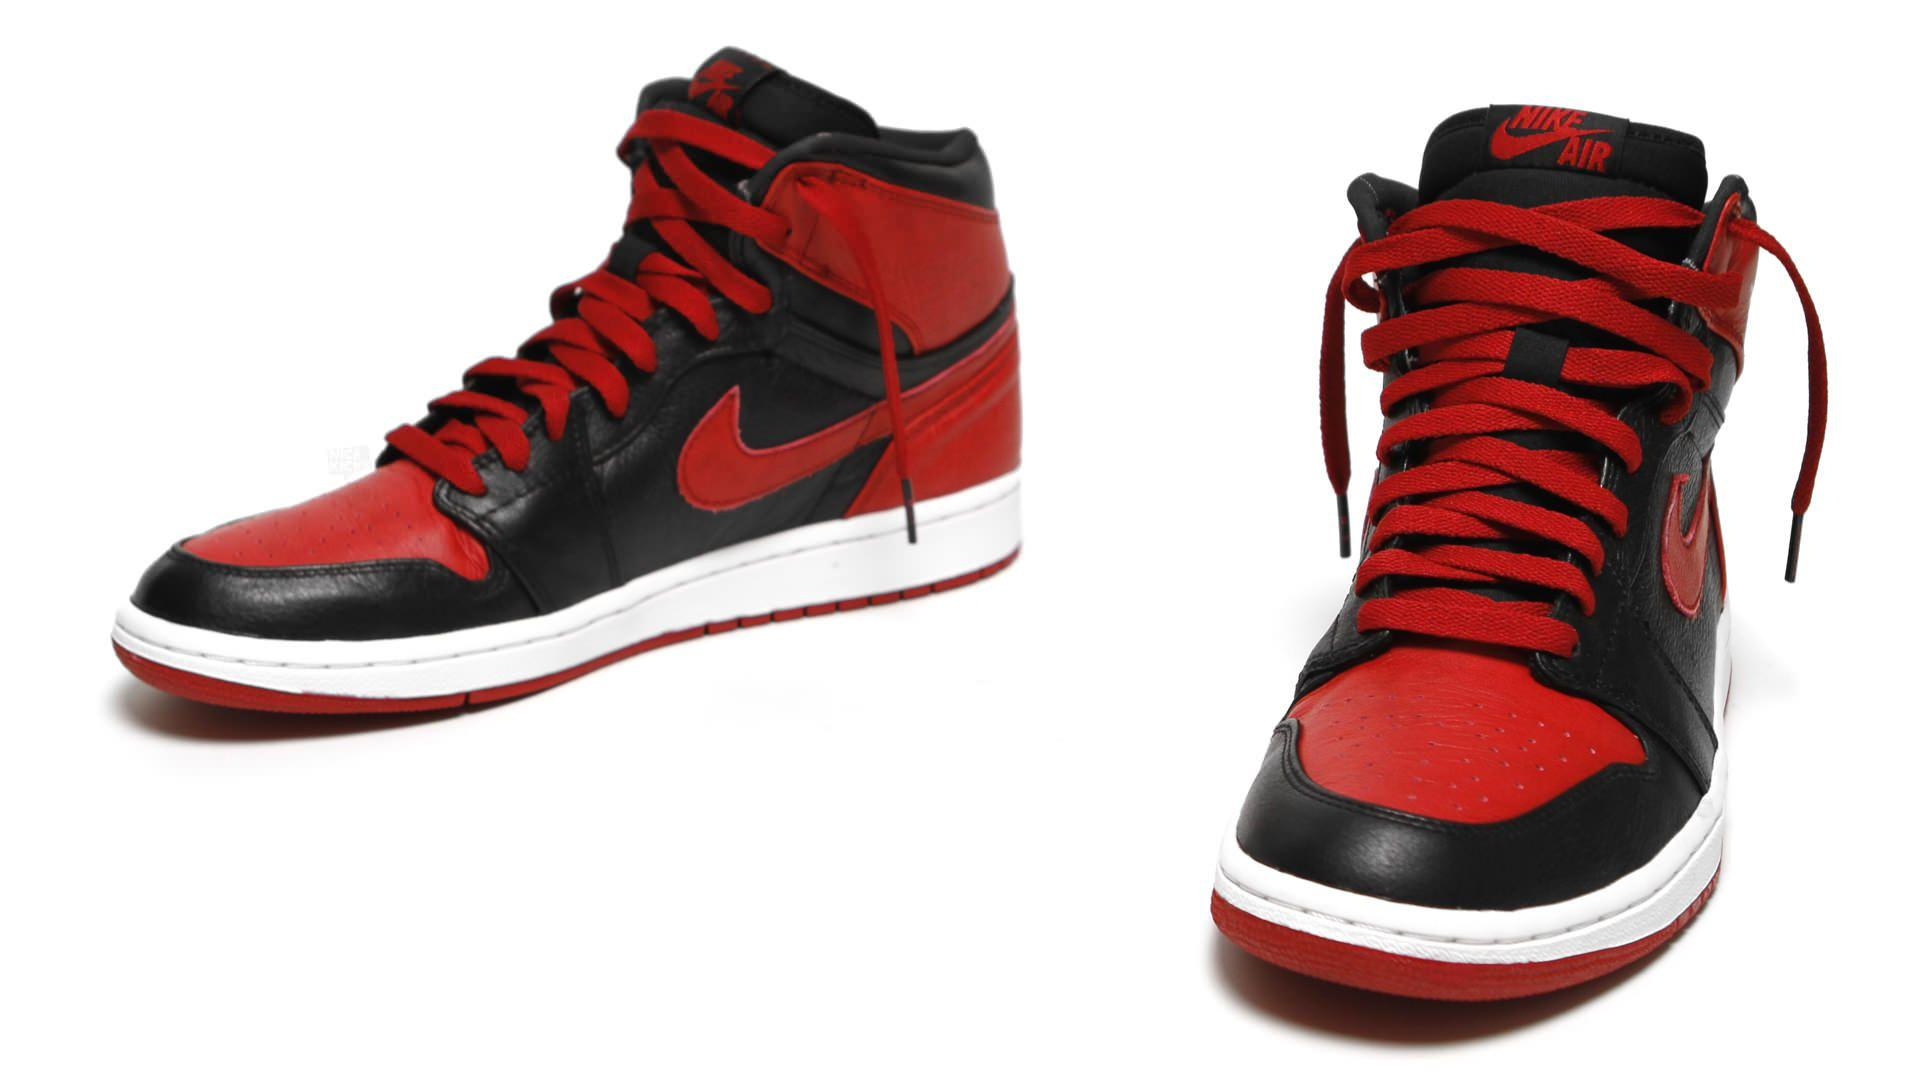 Nike Air Jordan Wallpapers - Wallpaper Cave